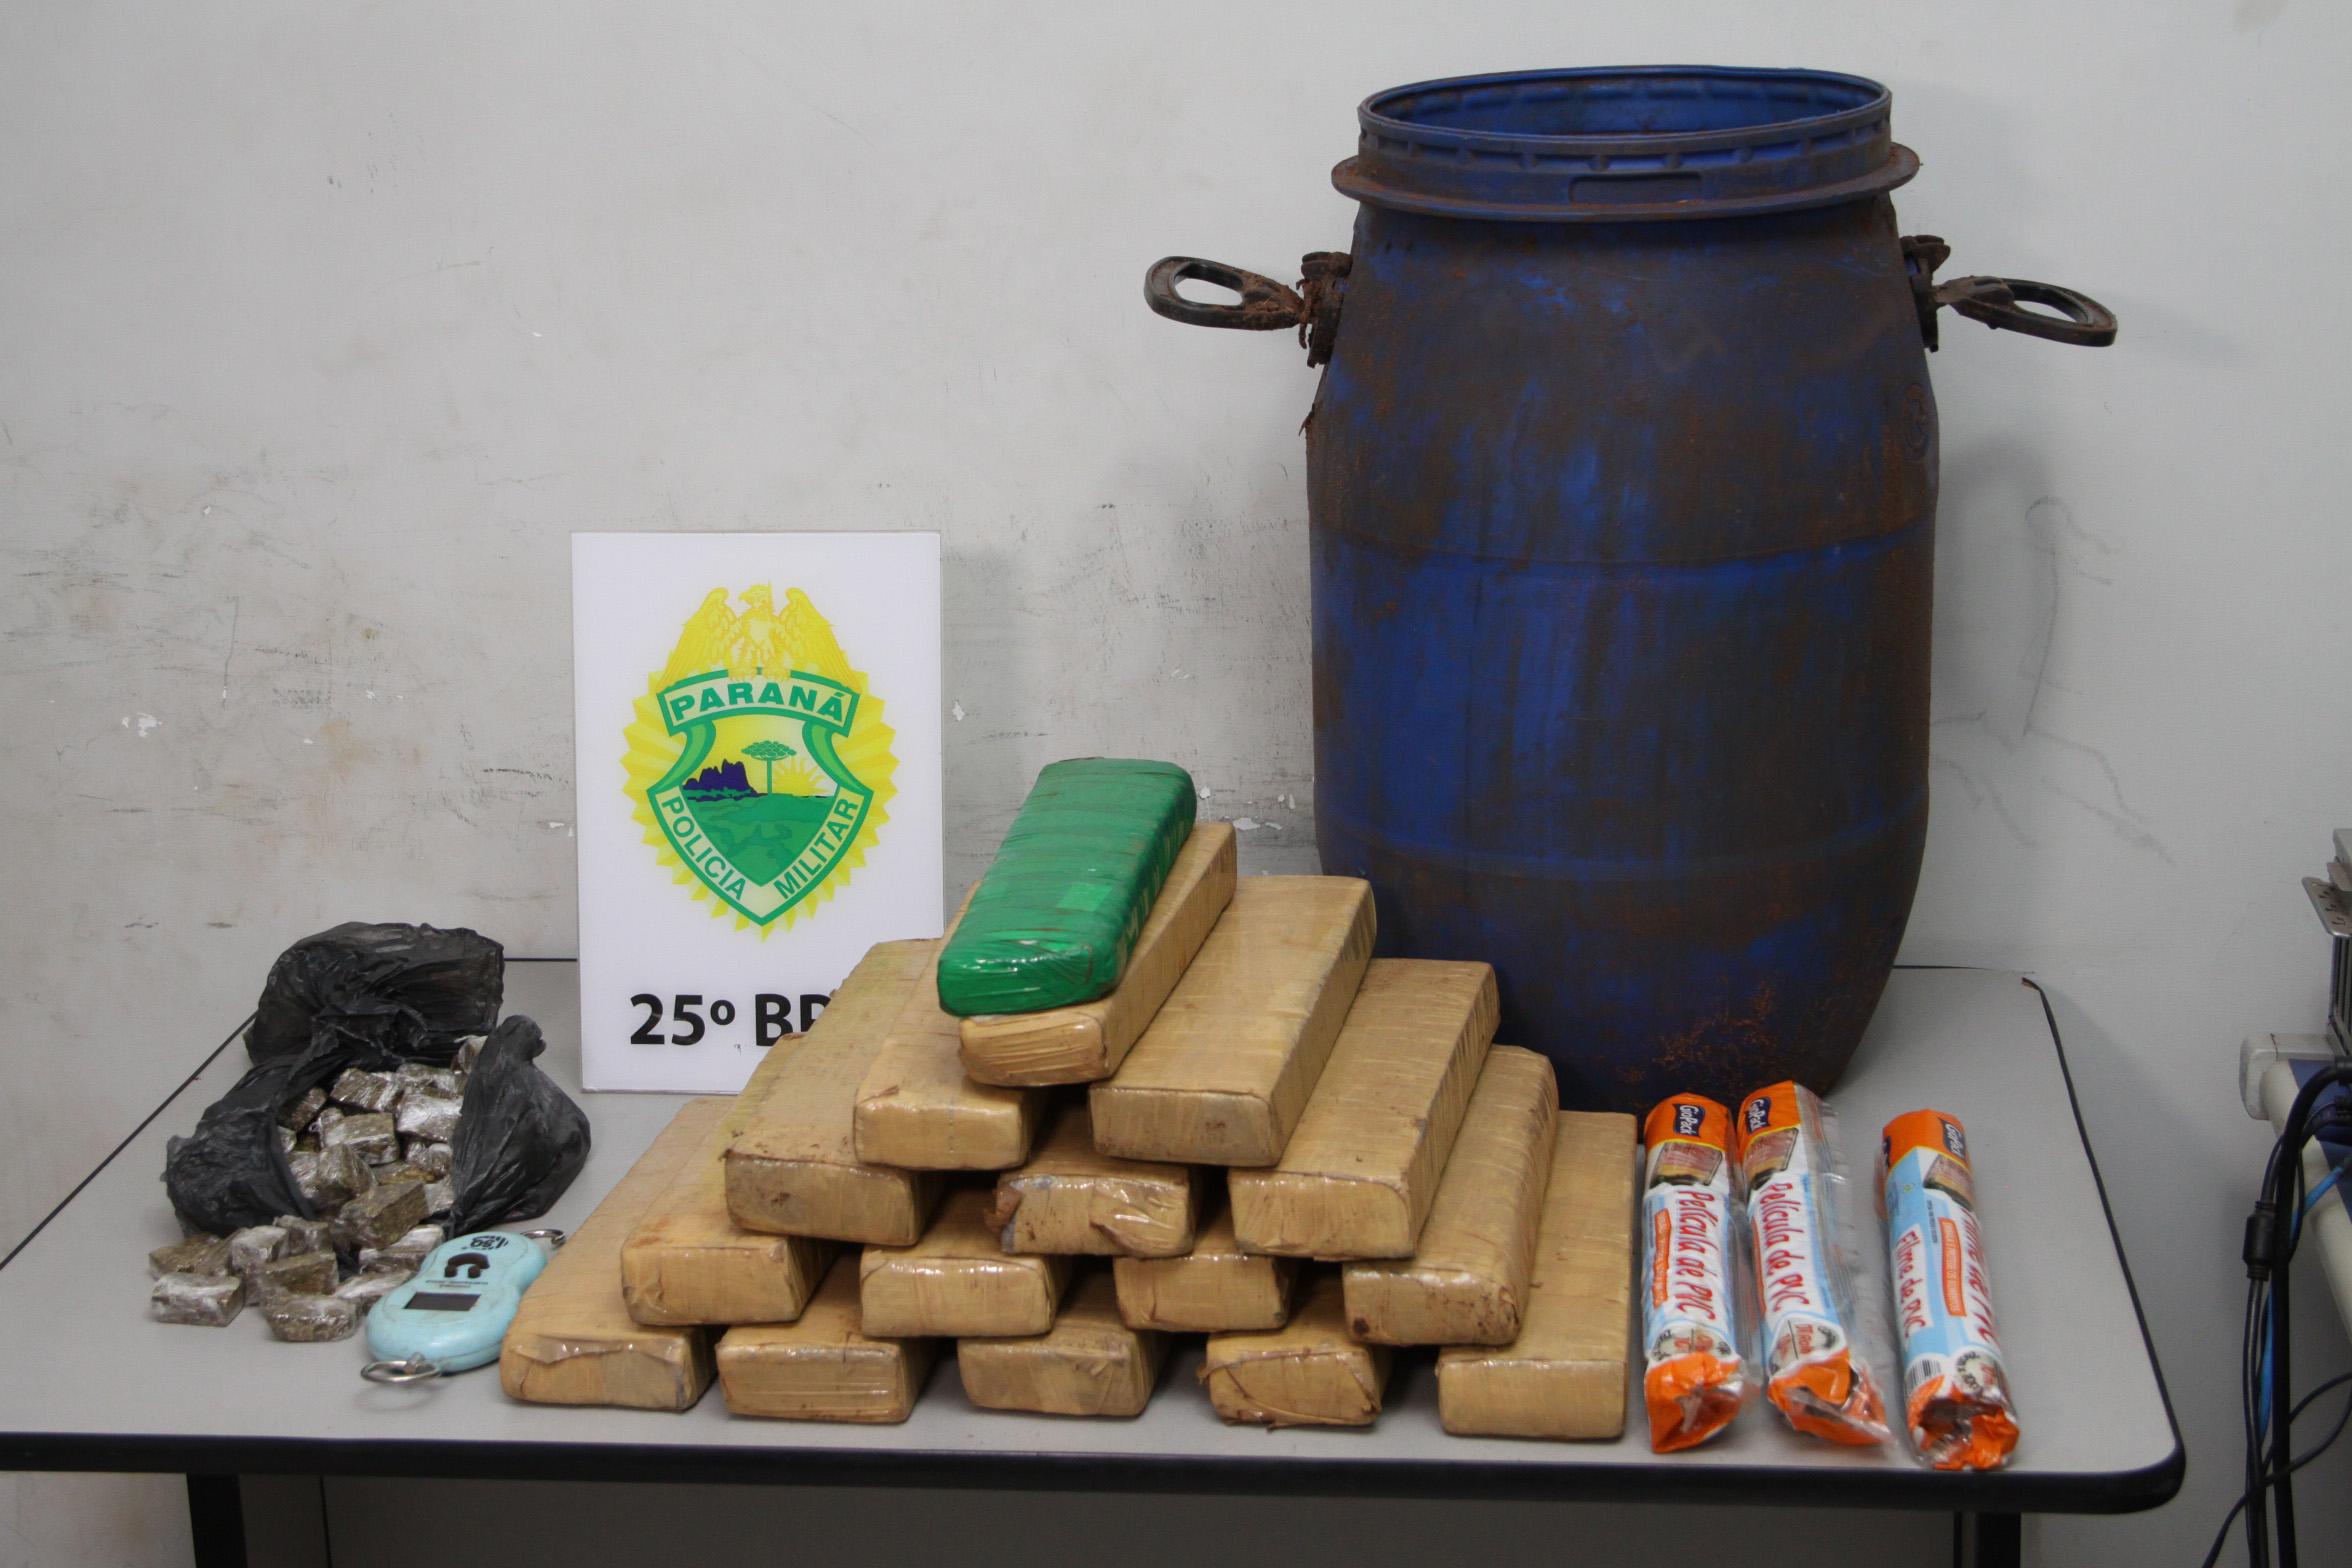 Polícia Militar desenterra maconha no Parque Industrial em Umuarama